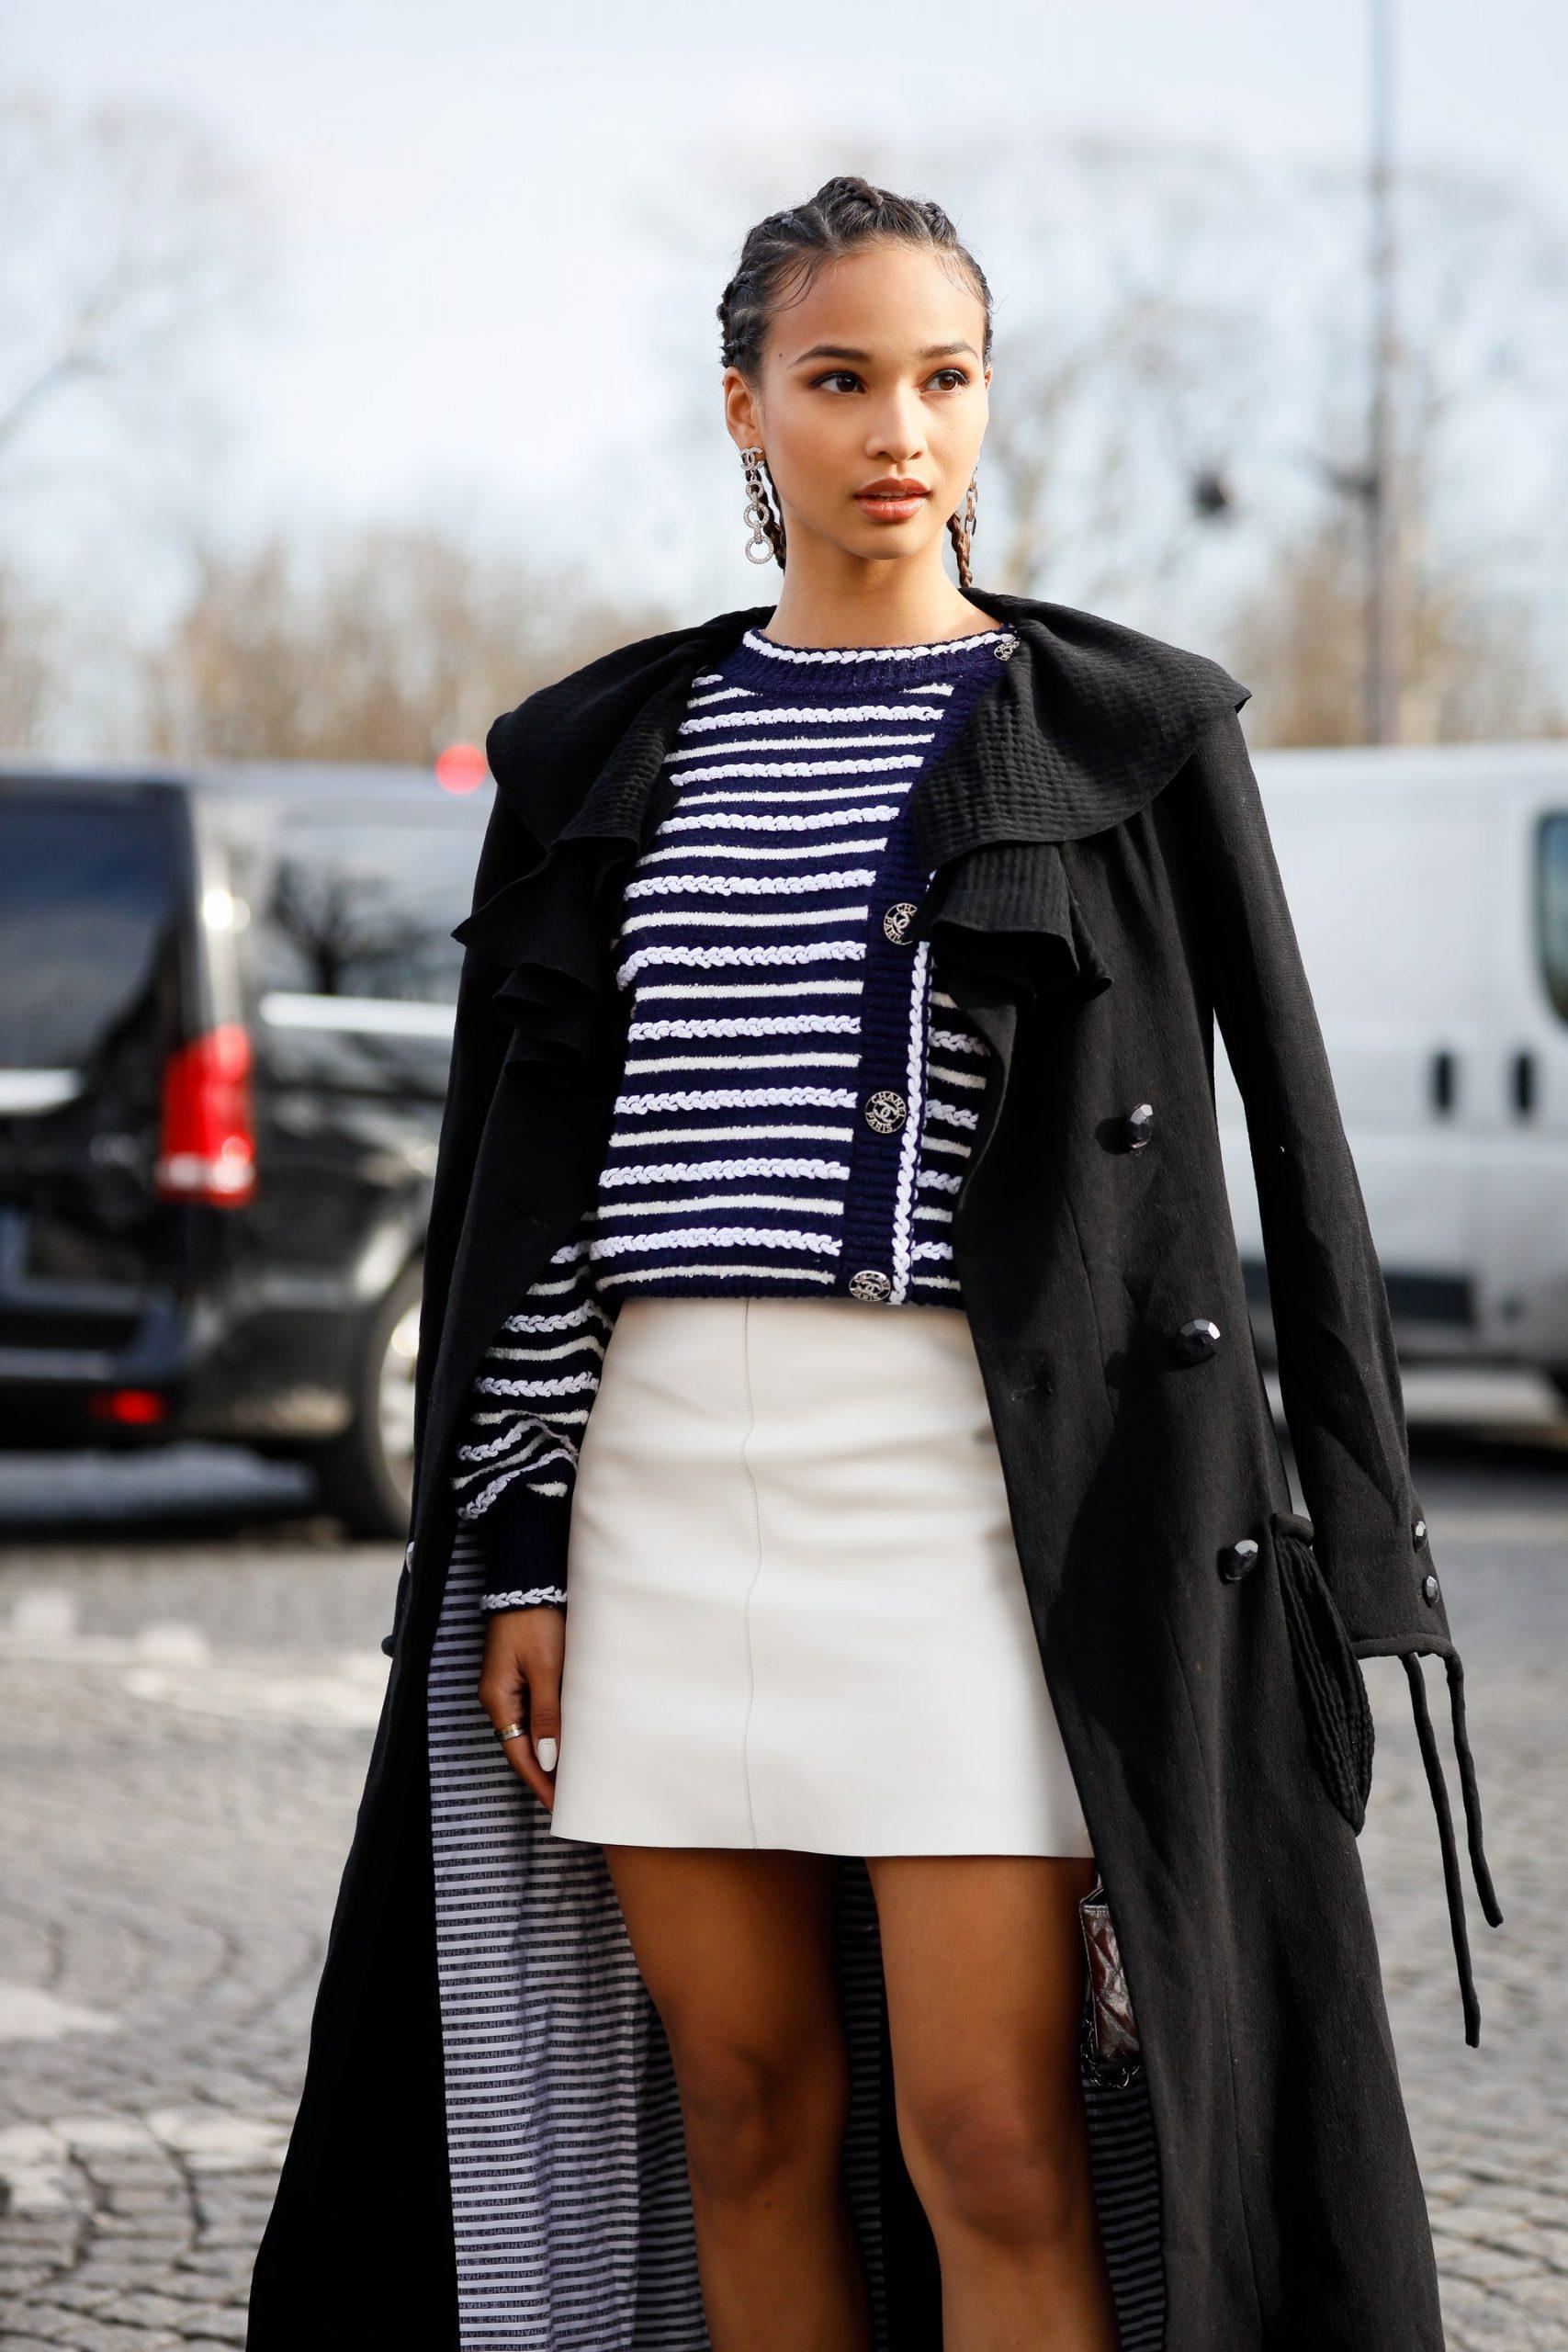 μπλε_πουλόβερ_με_sailor stripes_